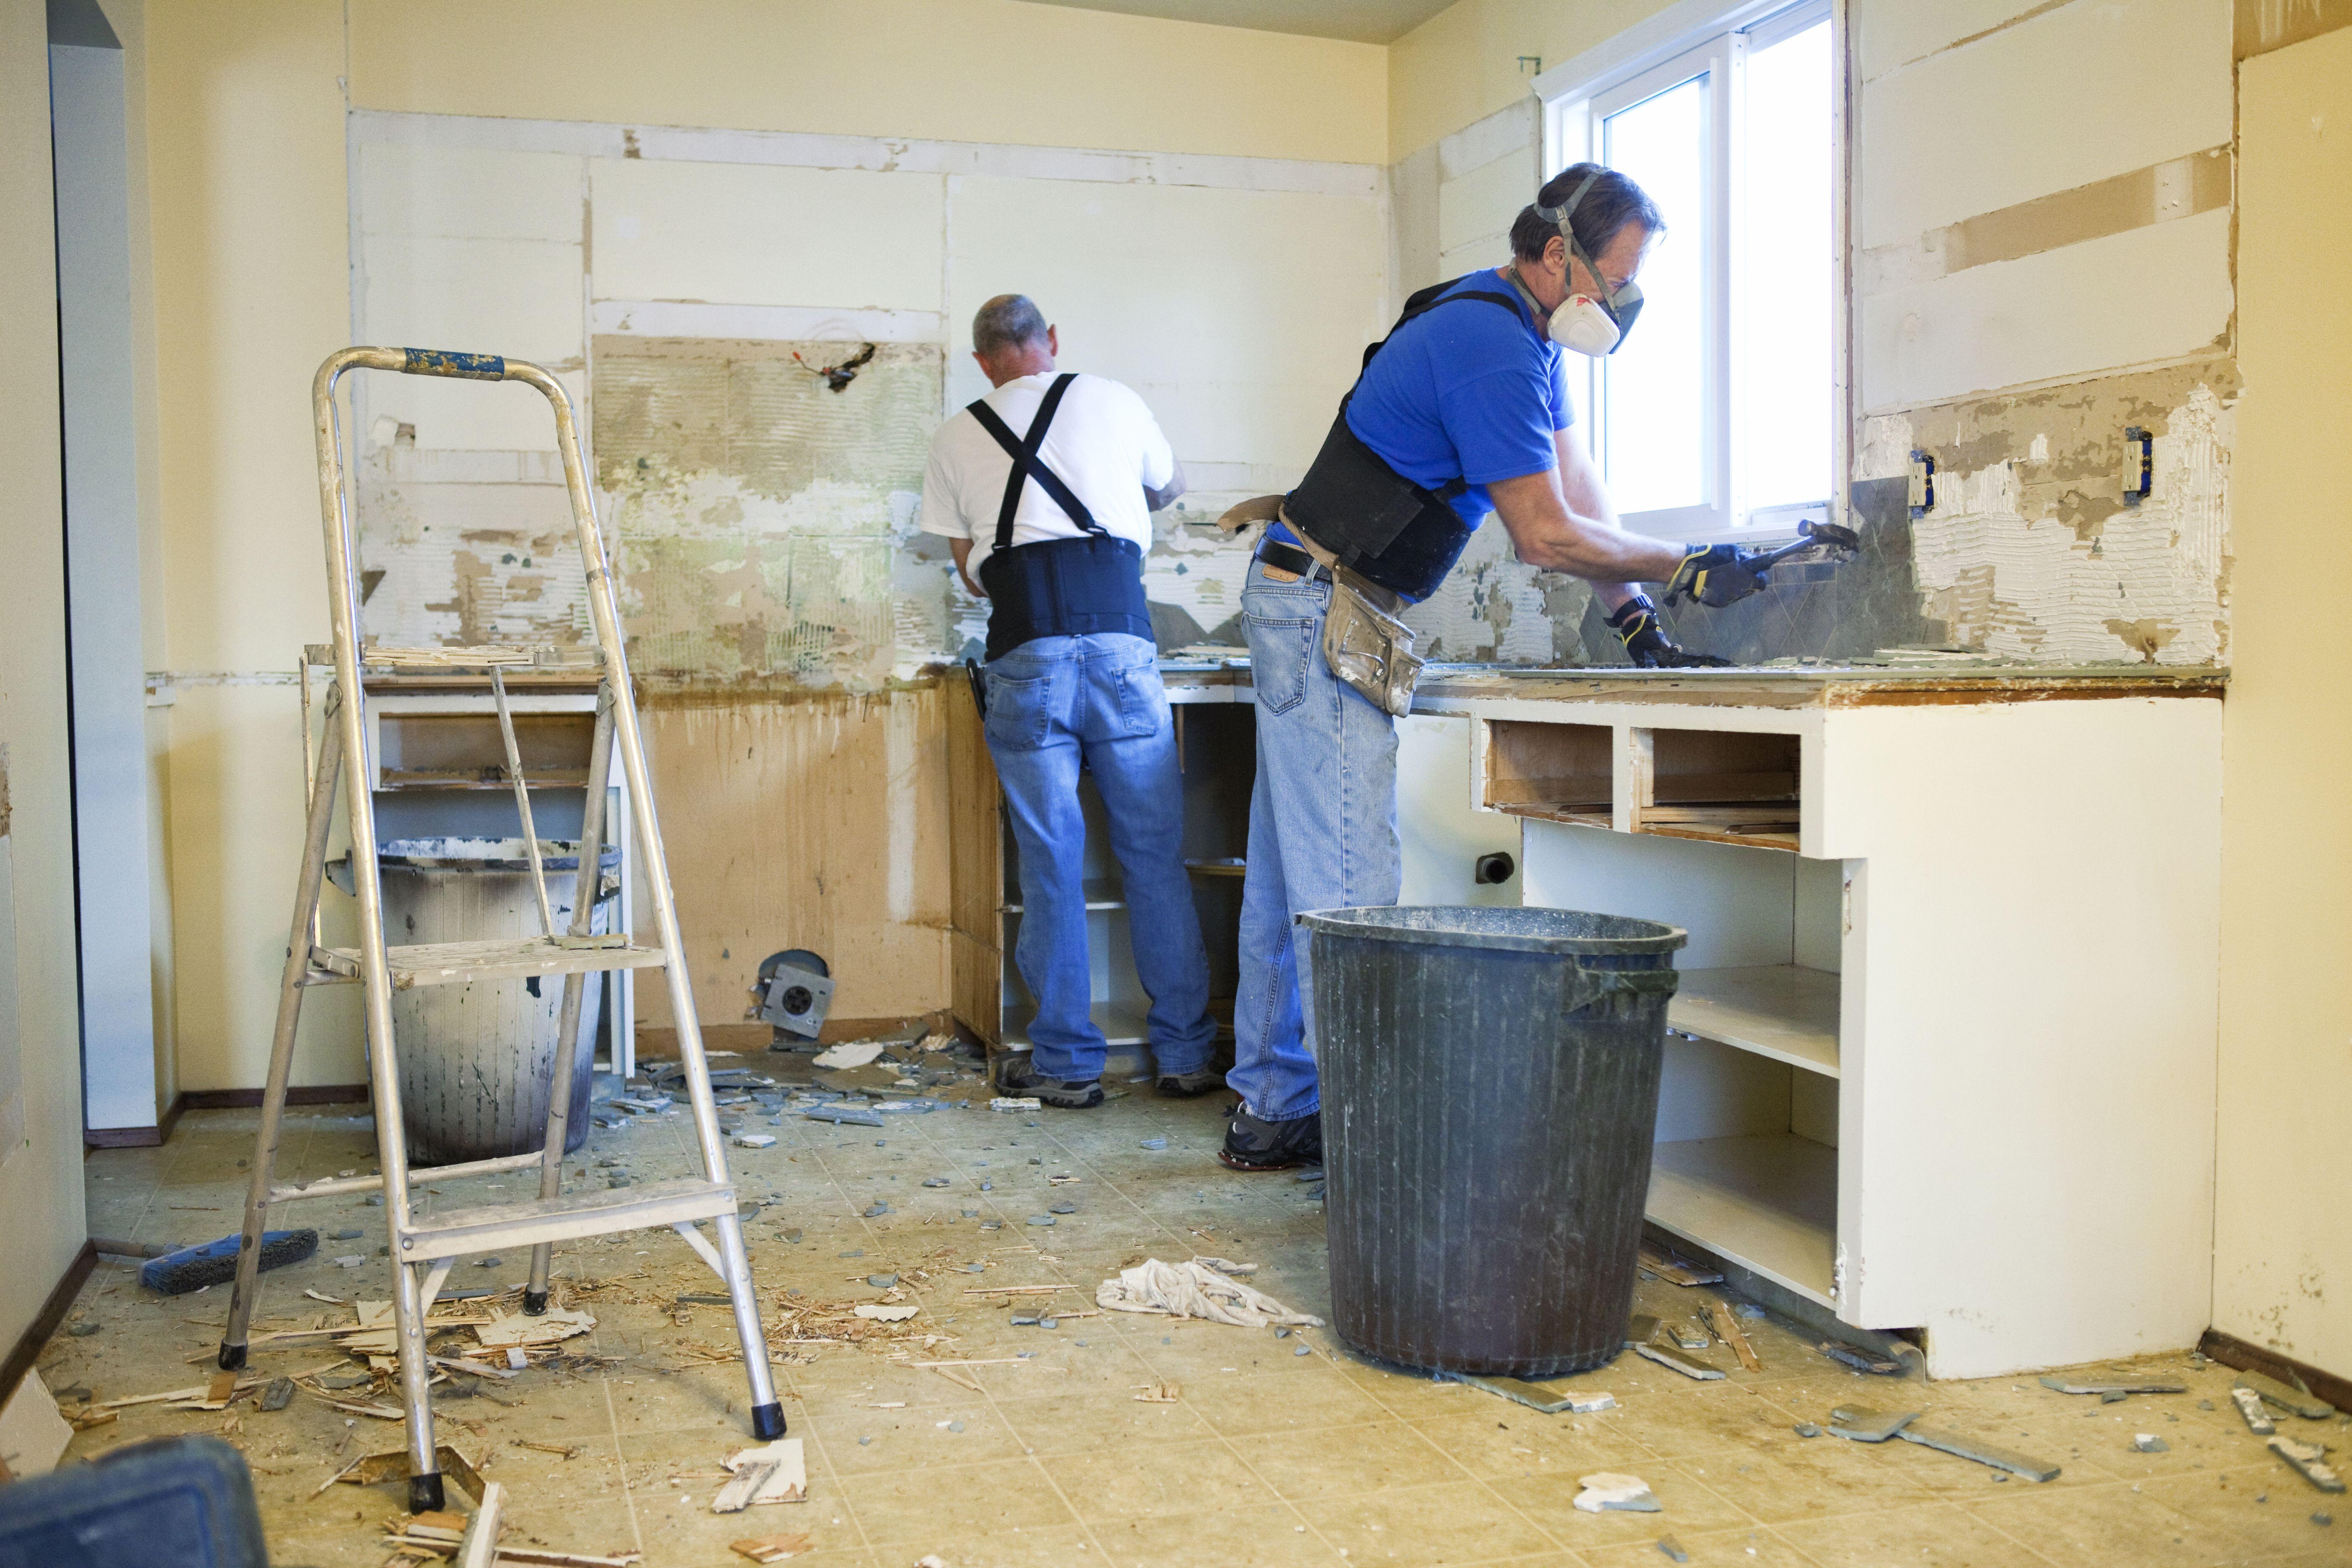 Obras y reformas: Servicios de Obras e Instalaciones Román Rivas